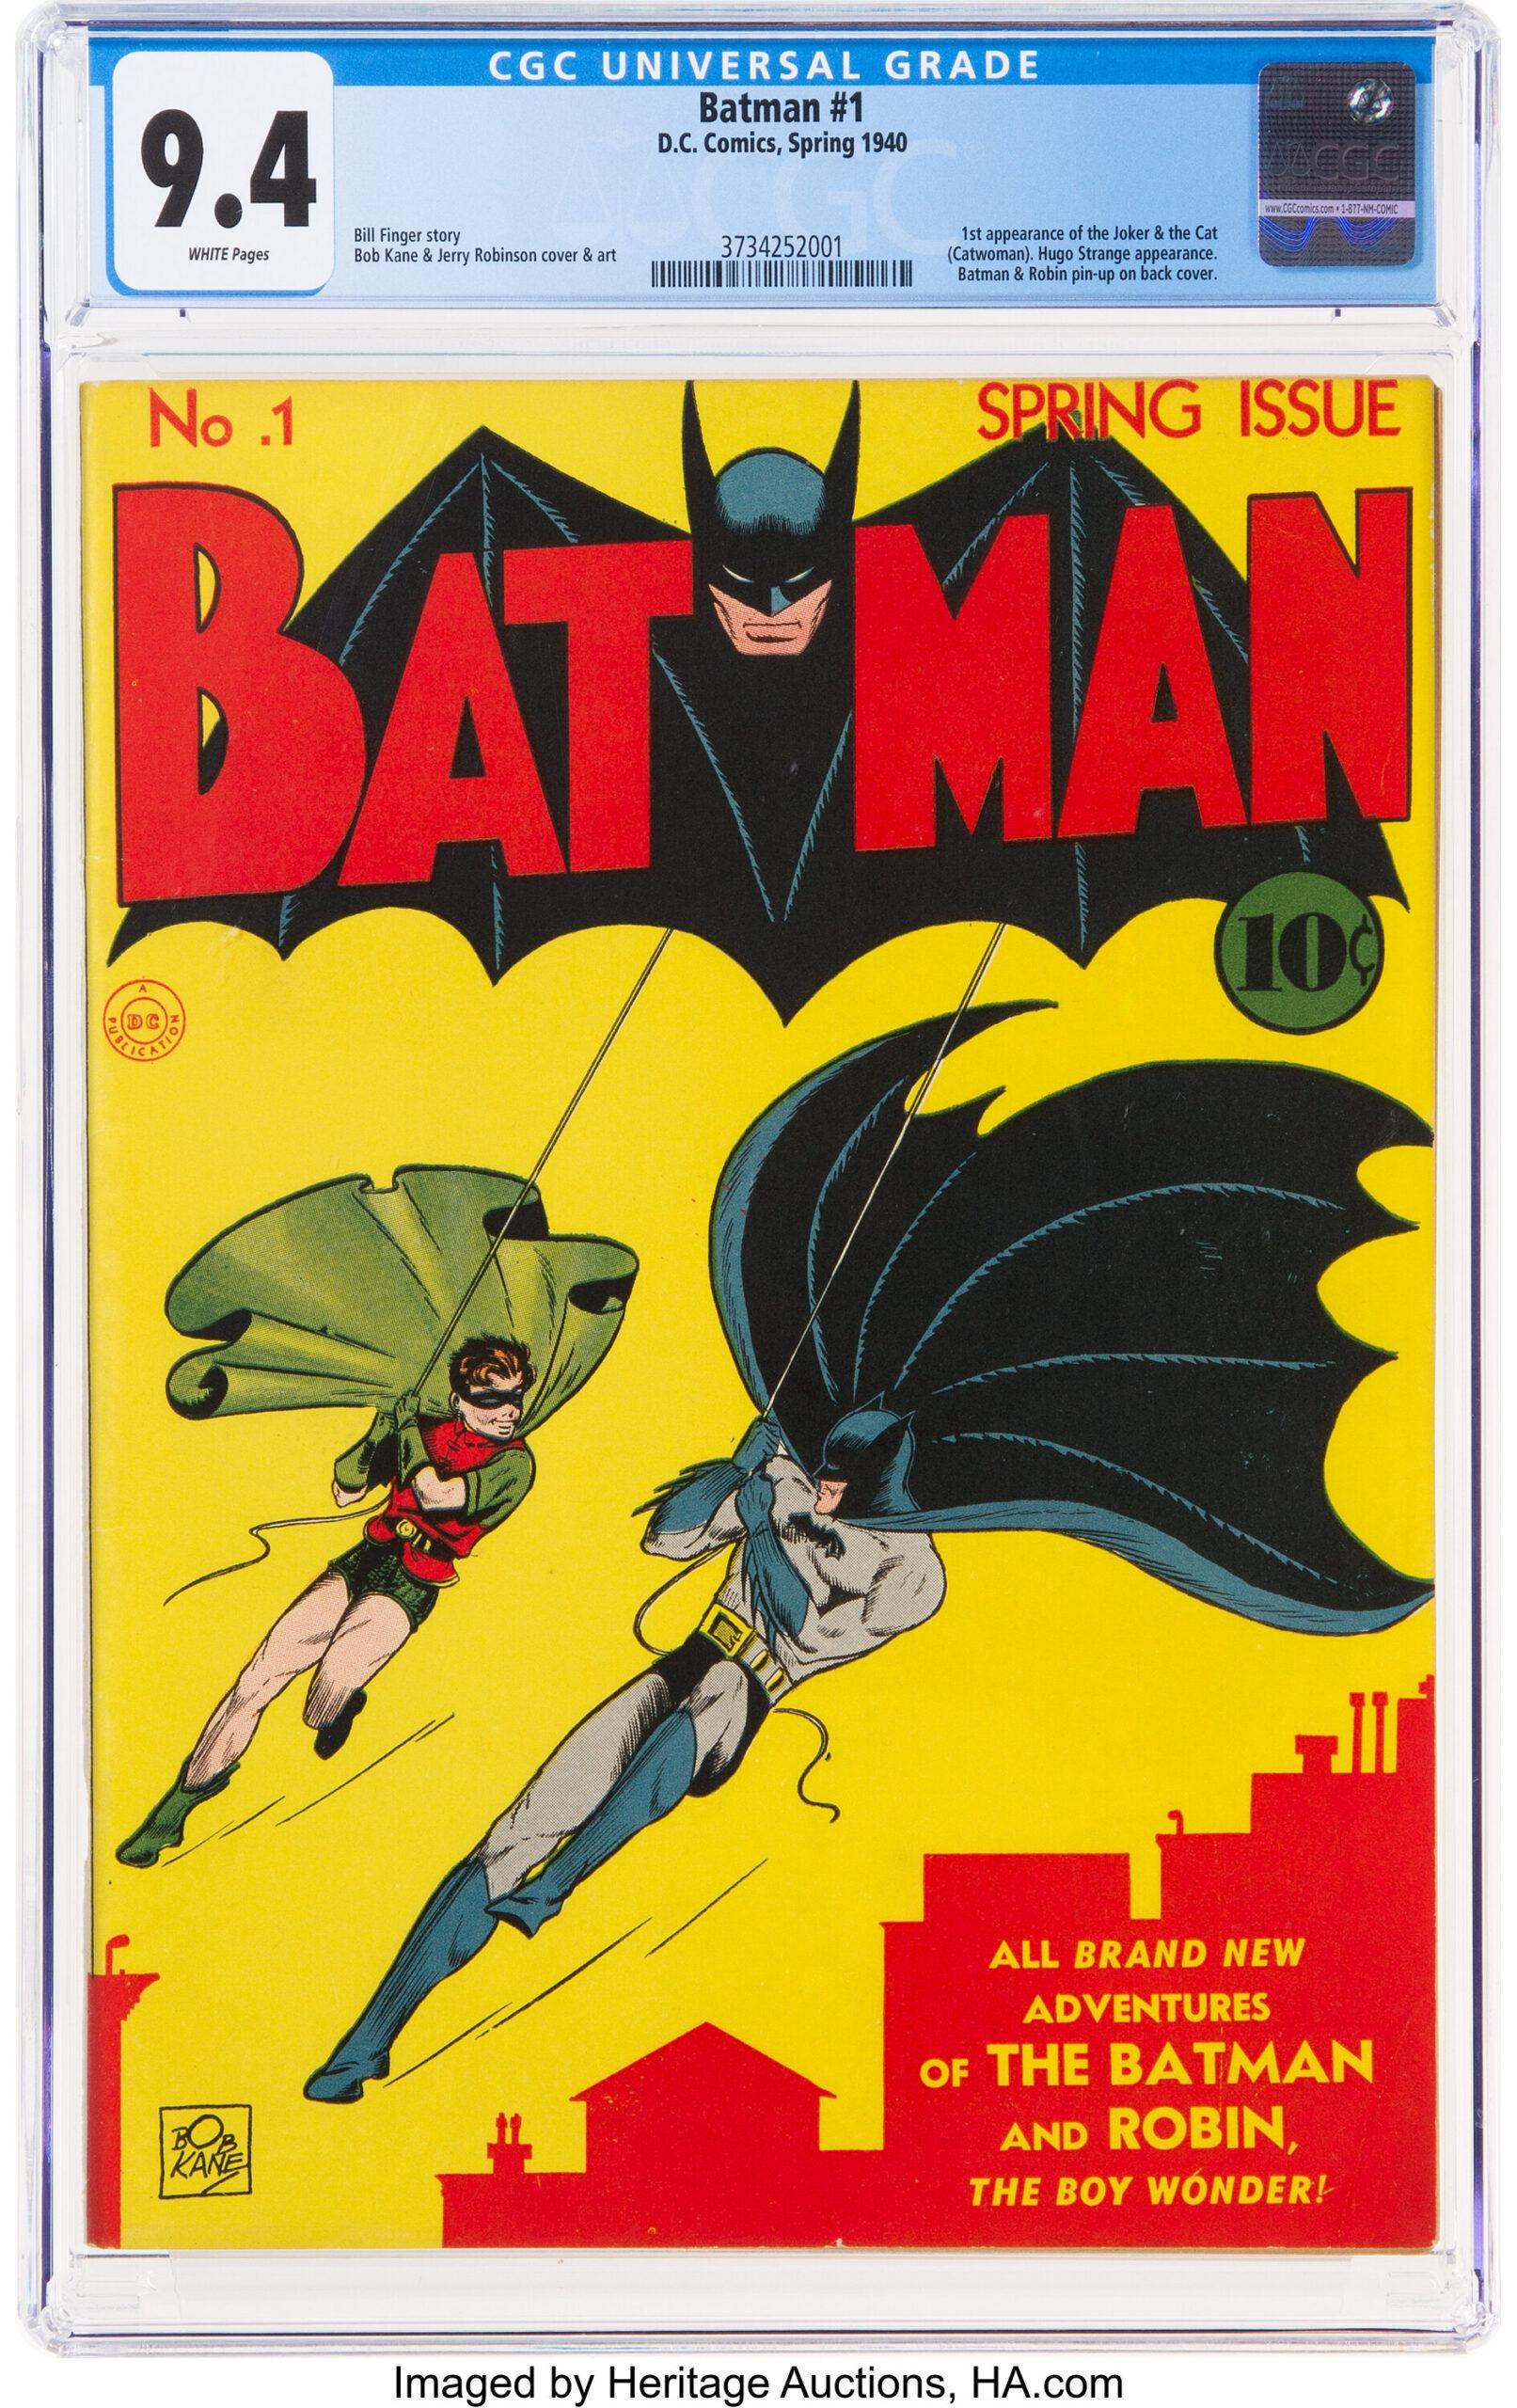 Batman No. 1 sells for $2.22 million